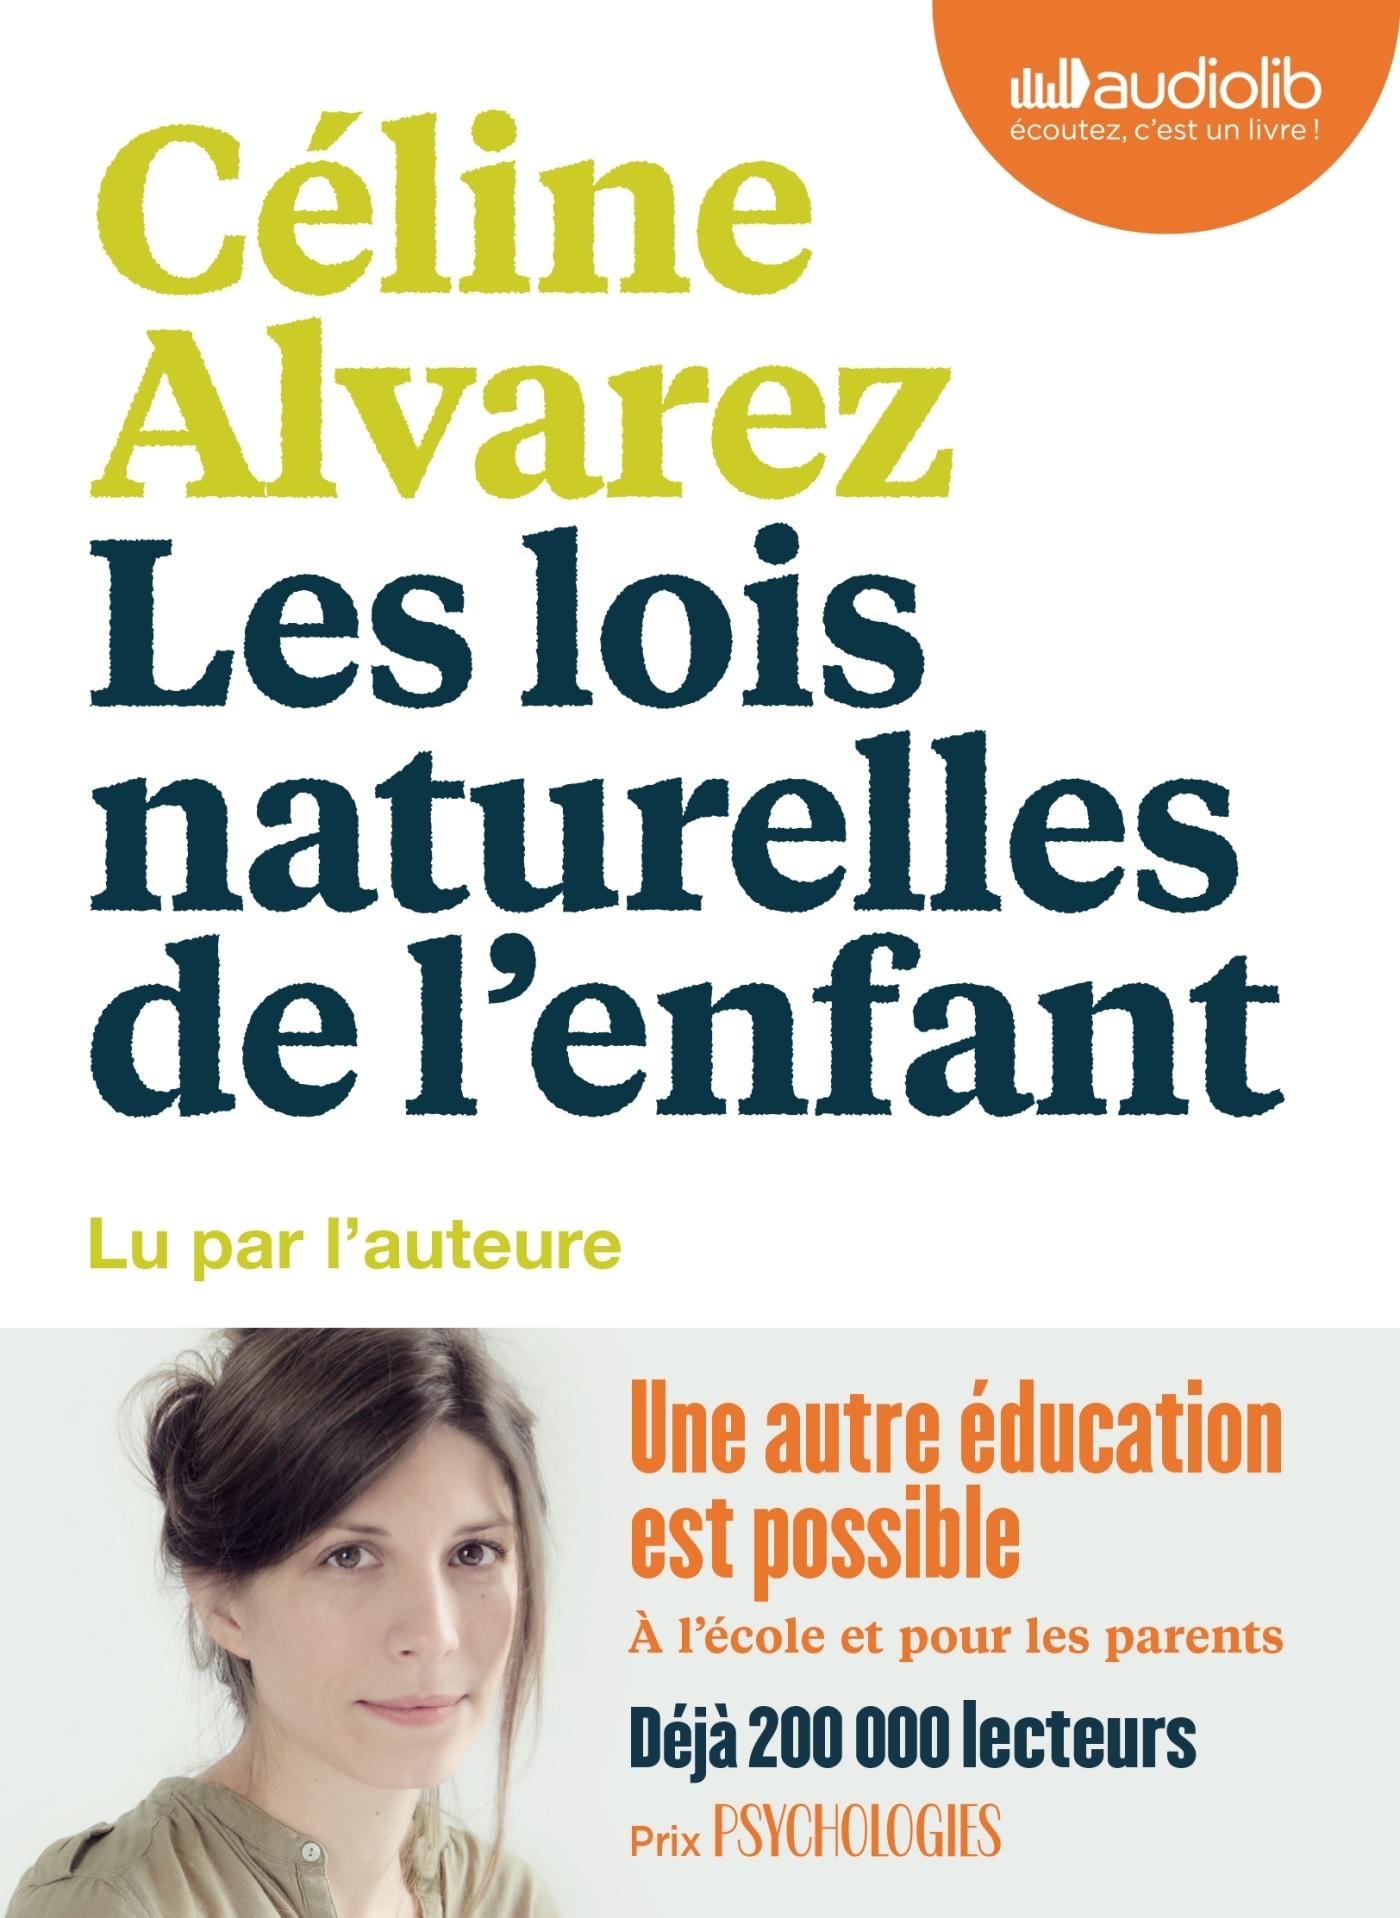 LES LOIS NATURELLES DE L'ENFANT - LIVRE AUDIO 1 CD MP3